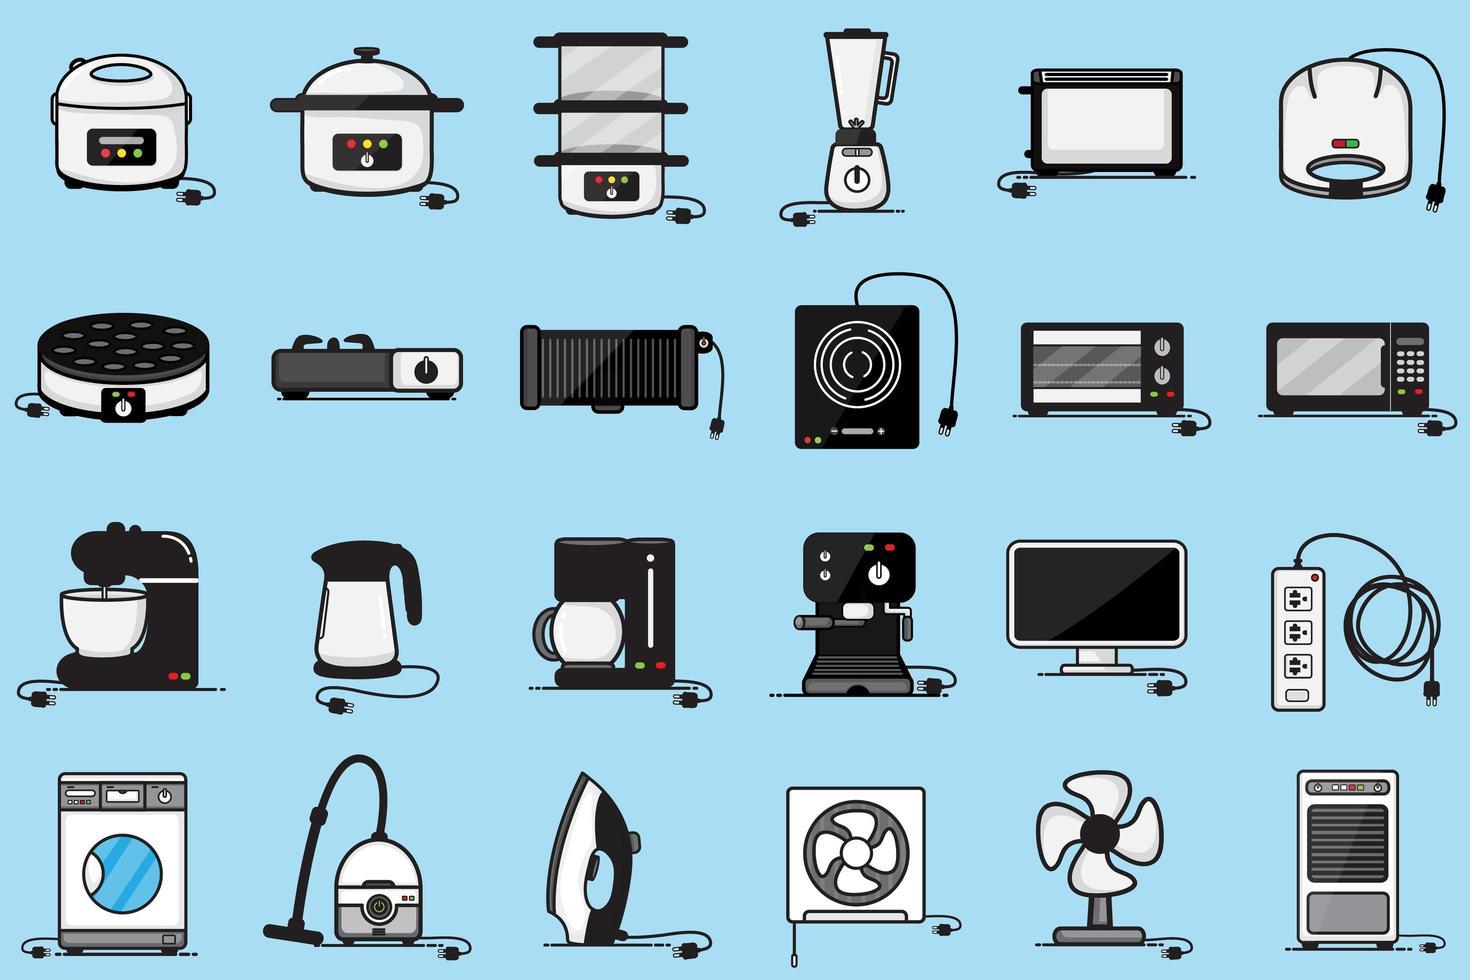 gruppo elettrodomestici vettore